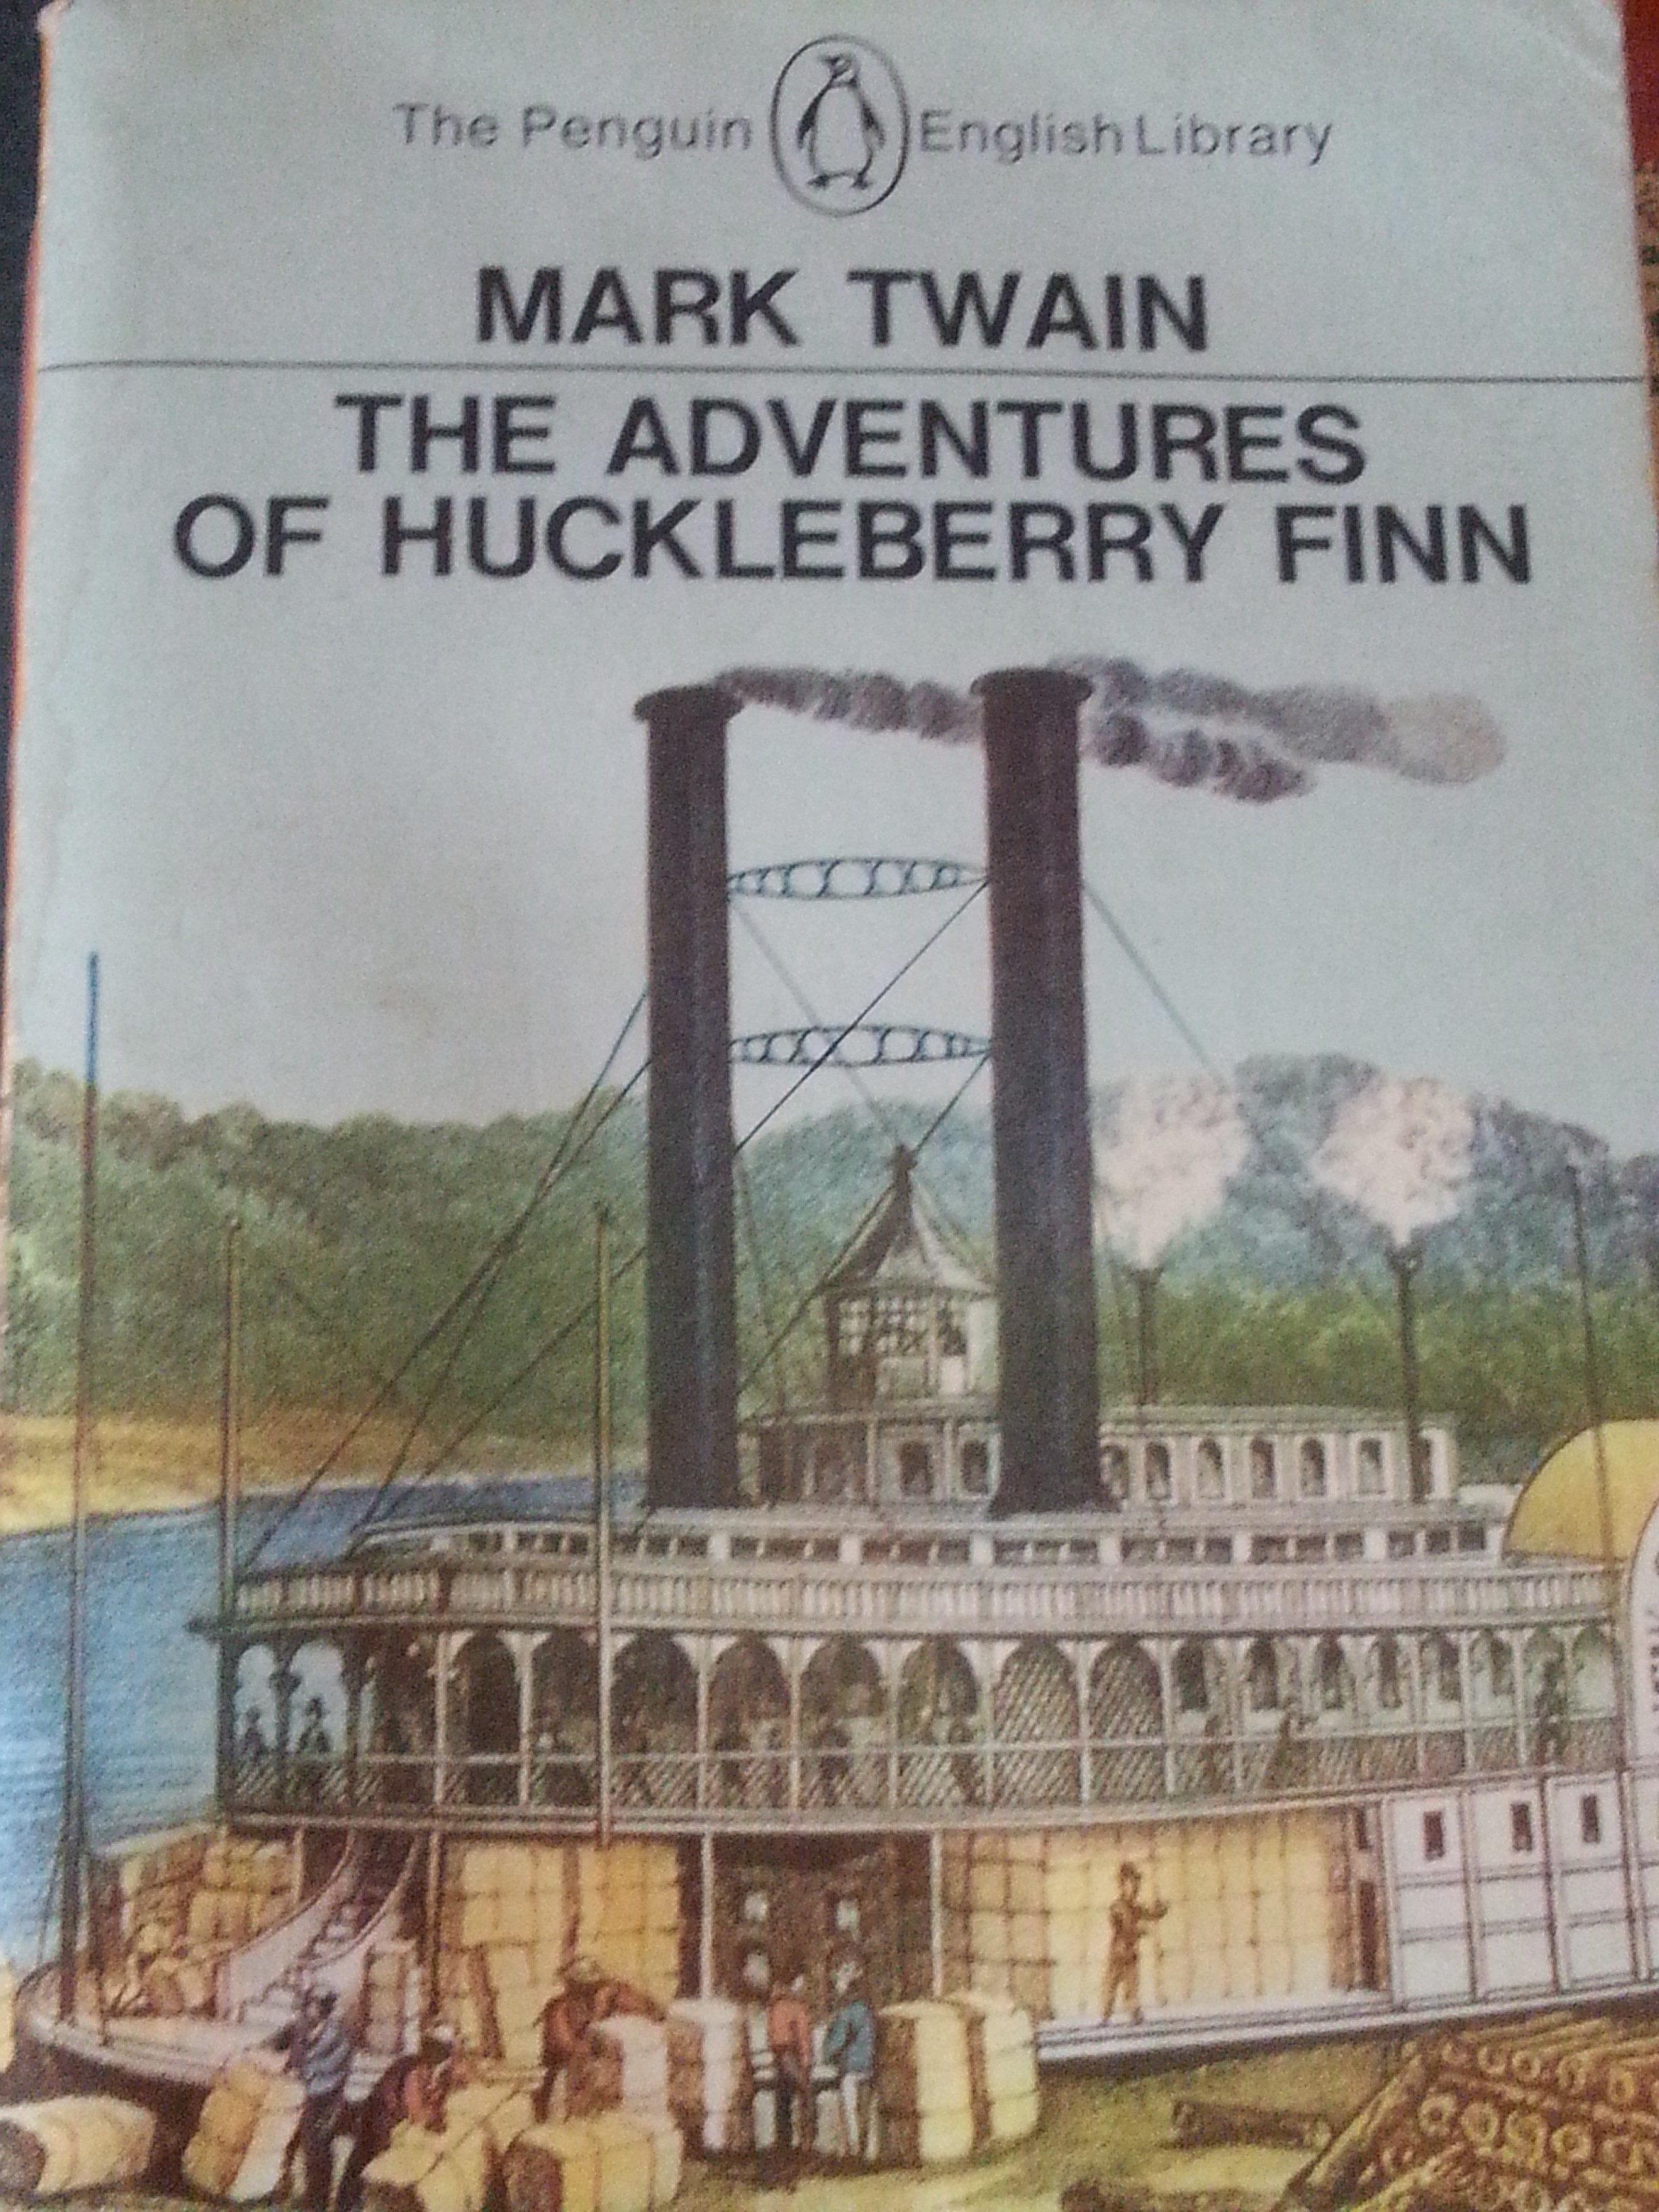 The Adventures of Huckleberry Finn by Mark Twain...